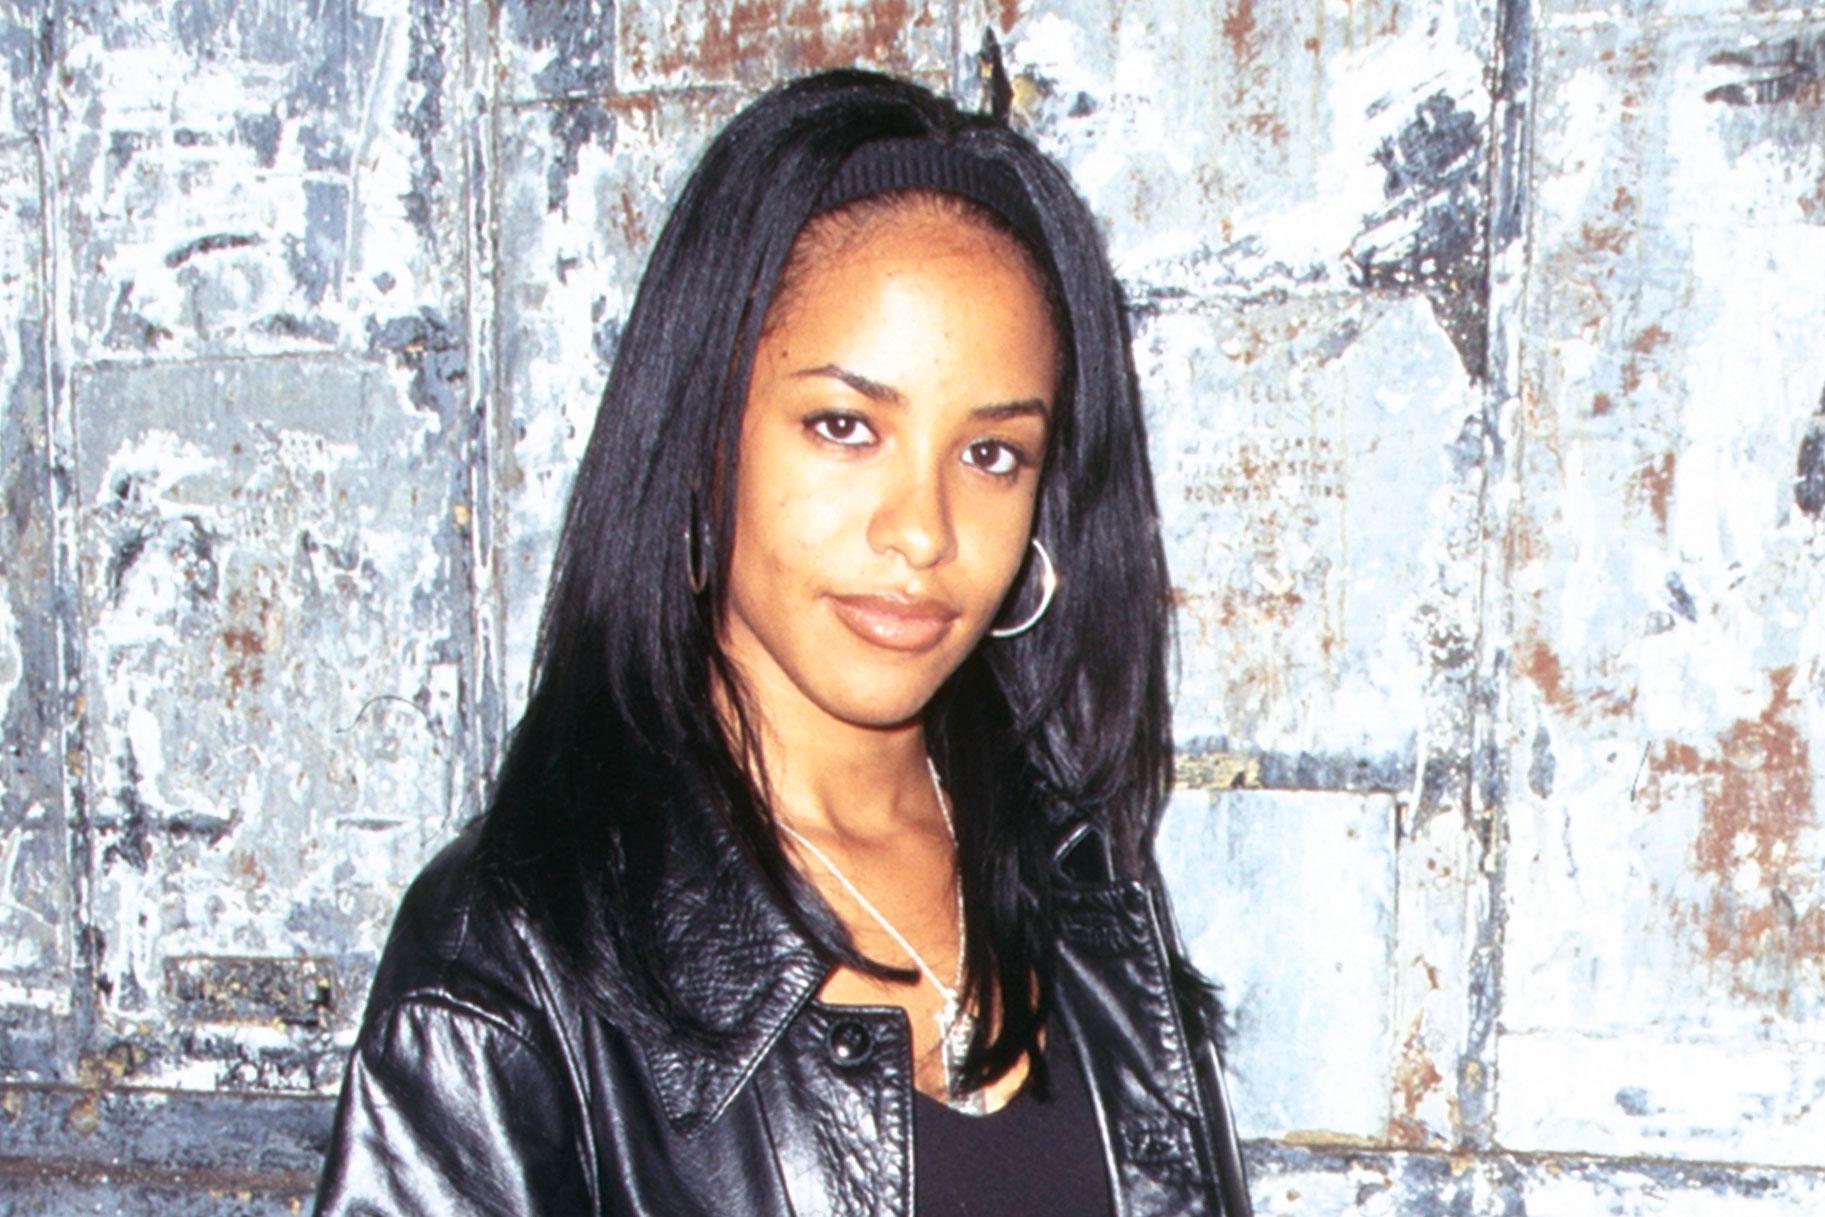 Ex bailarina de respaldo dice que vio a R. Kelly teniendo sexo con Aaliyah cuando era adolescente